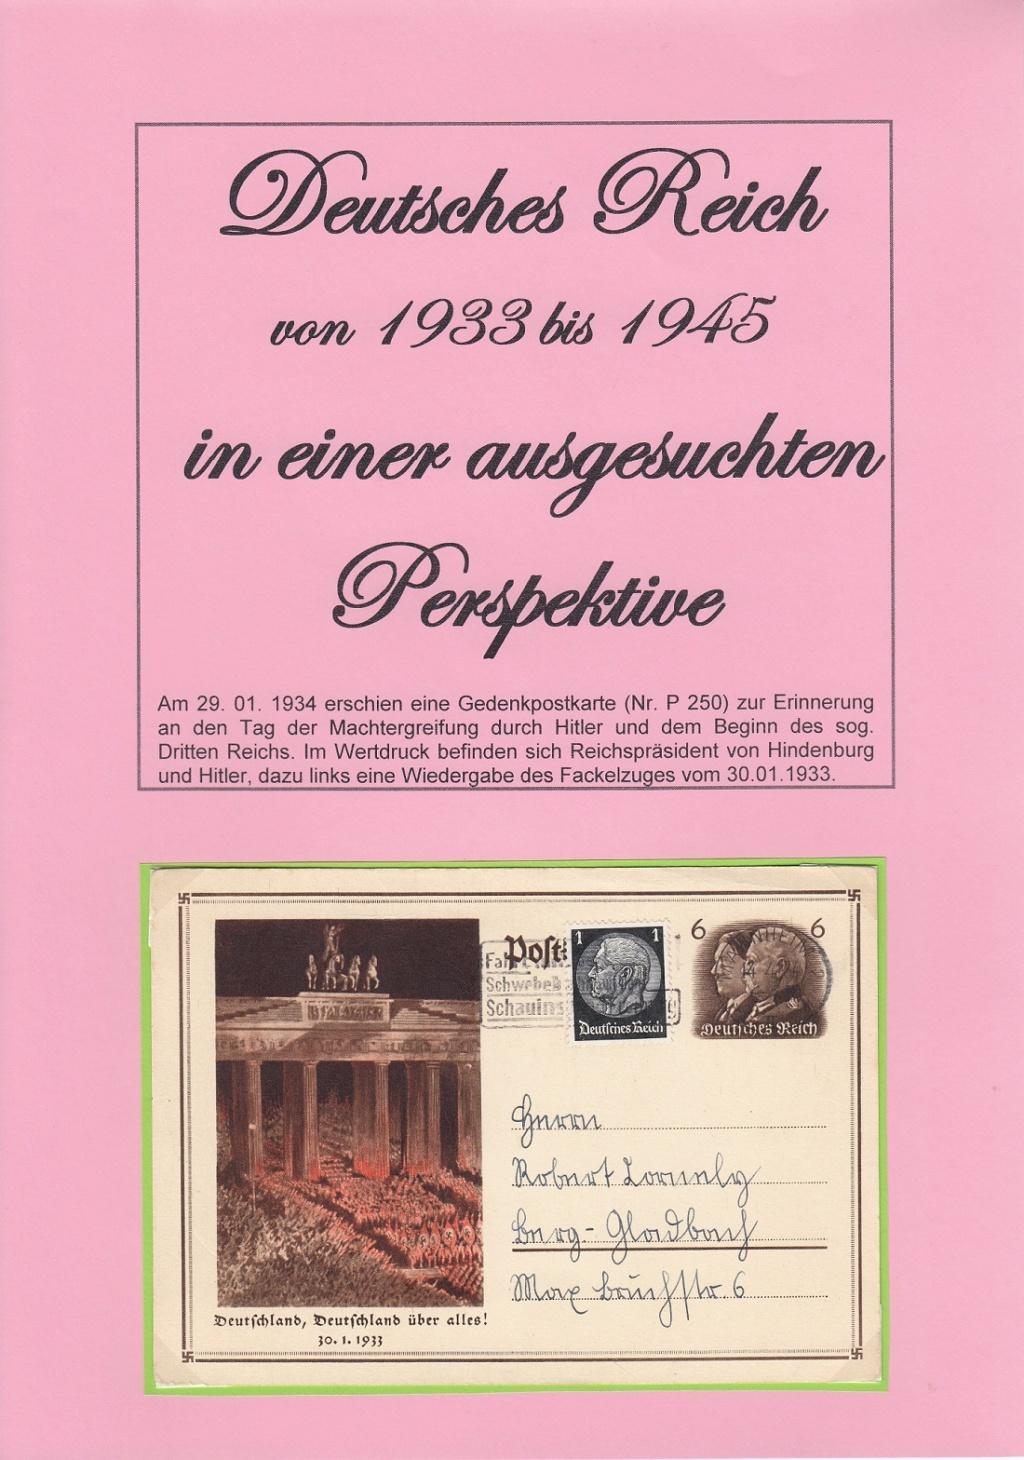 """Deutsches Reich von 1933 bis 1945 """"in einer ausgesuchten Perspektive"""" Dr-110"""